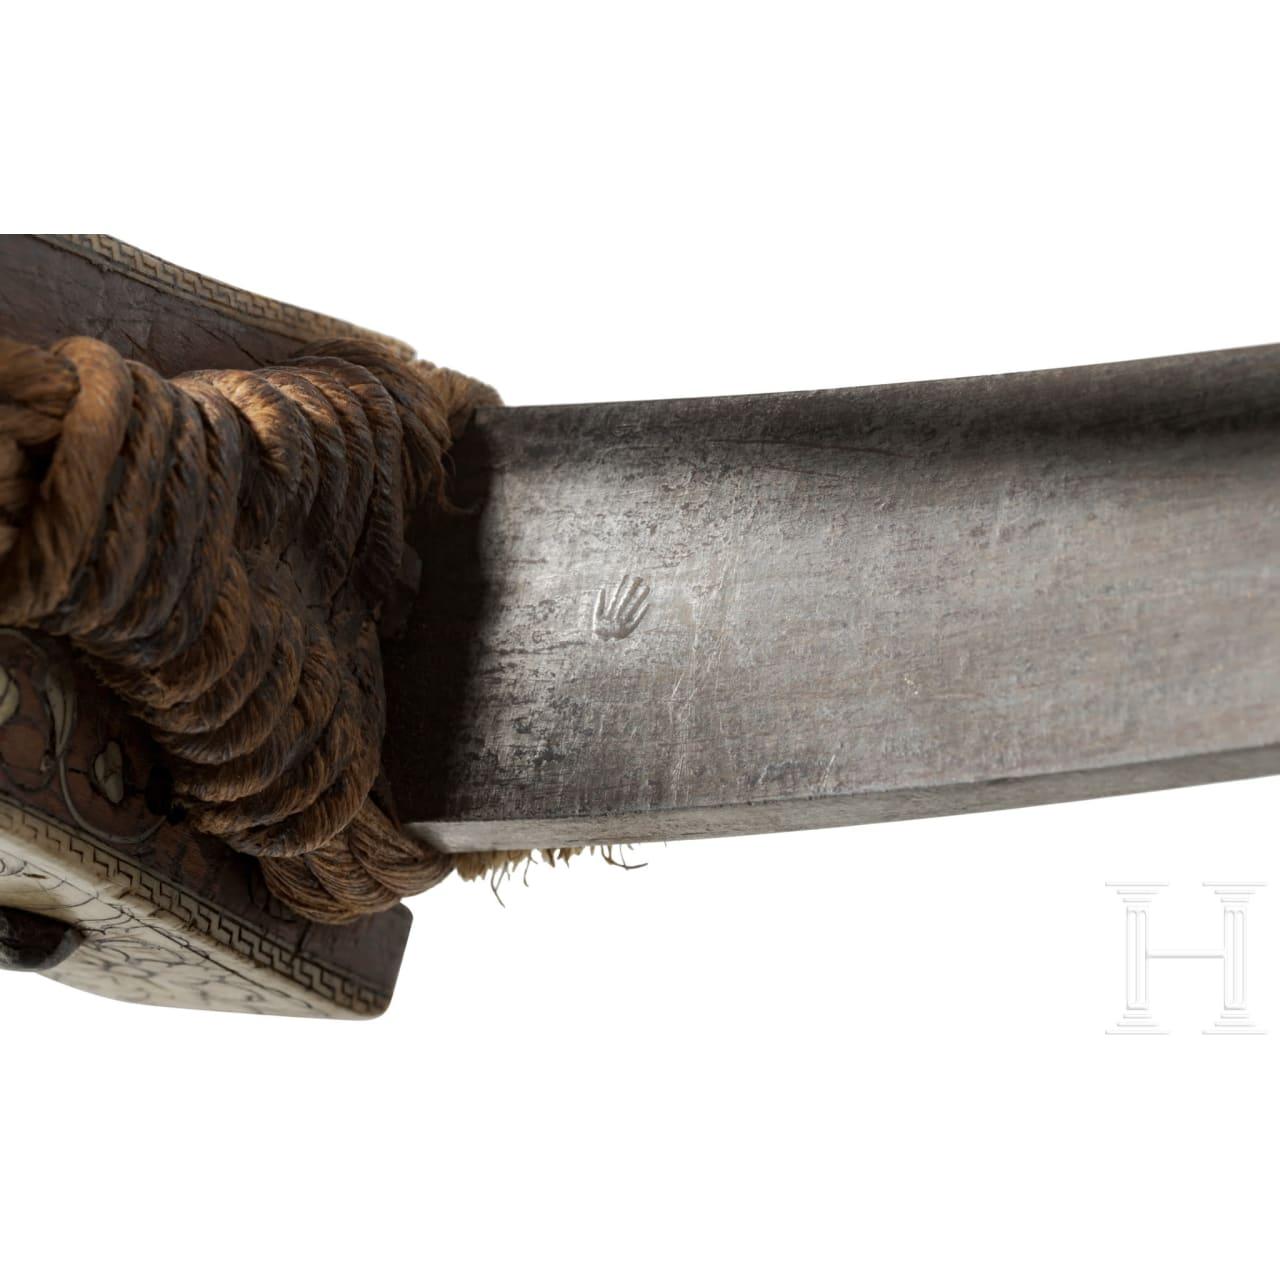 Reich verbeinte Renaissance-Armbrust mit jagdlichem Dekor, süddeutsch, um 1600/20